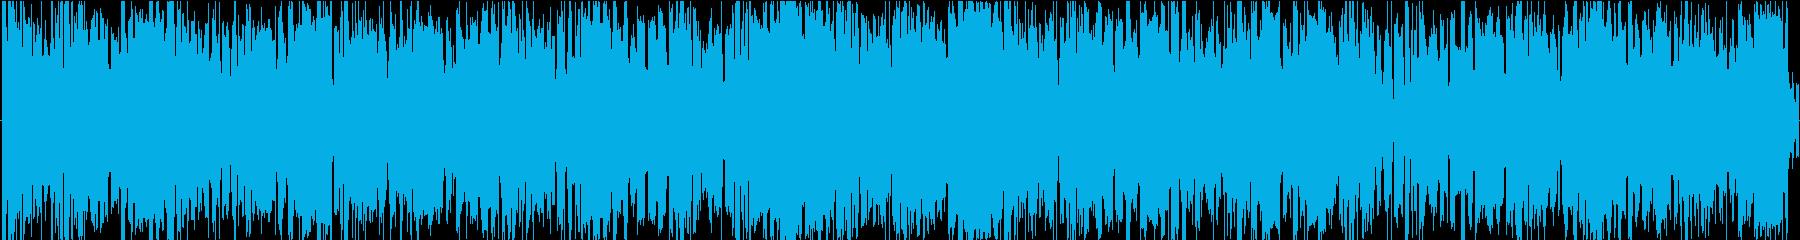 シーケンス 汚れた器官03の再生済みの波形